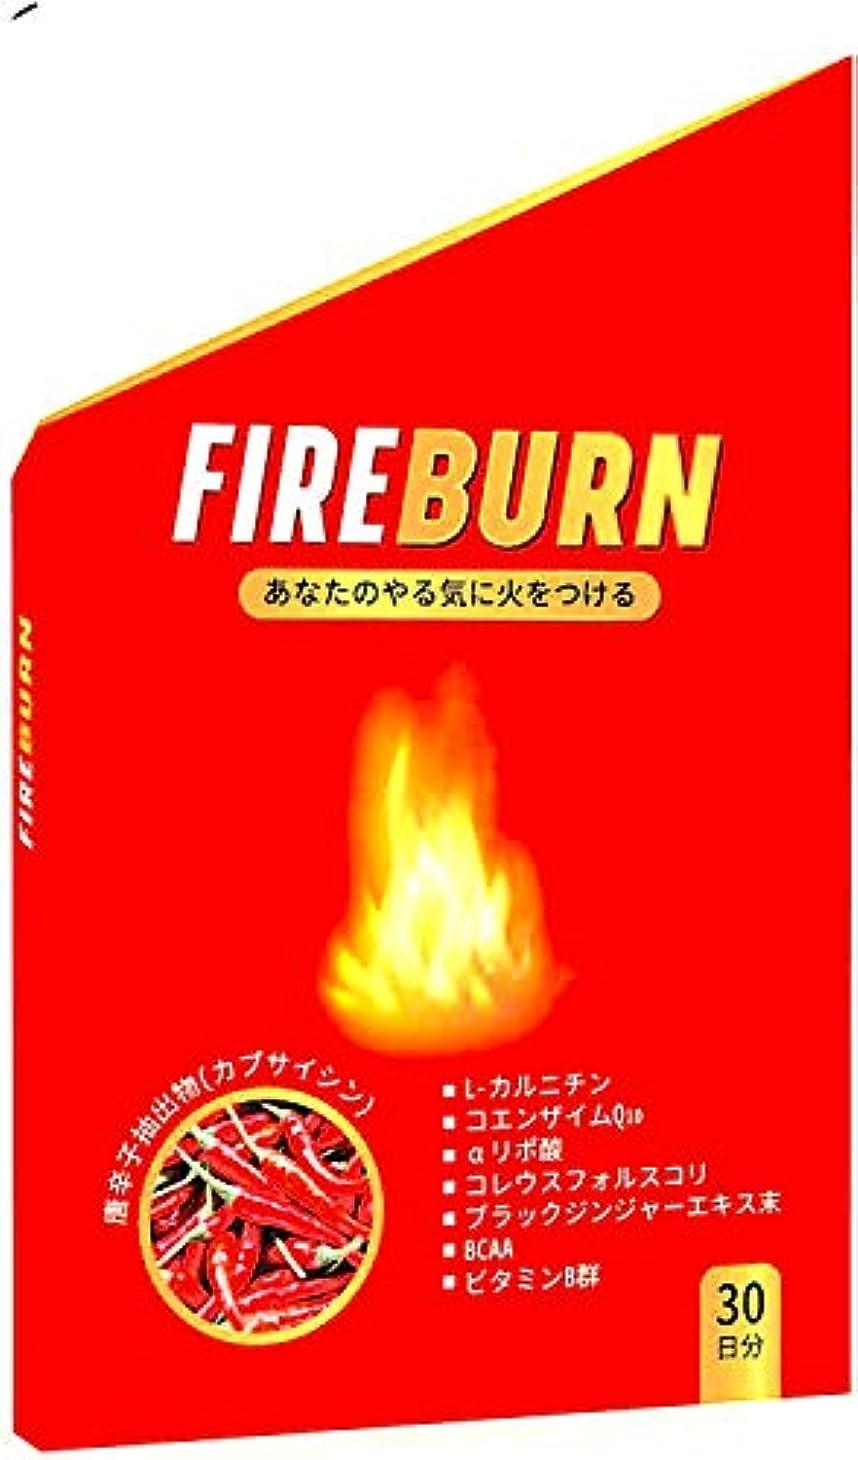 ボウリング想像力豊かななめる【FIRE BURN】 ダイエットサプリ 燃焼系 α-リポ酸 L-カルニチン 厳選素材 30日分